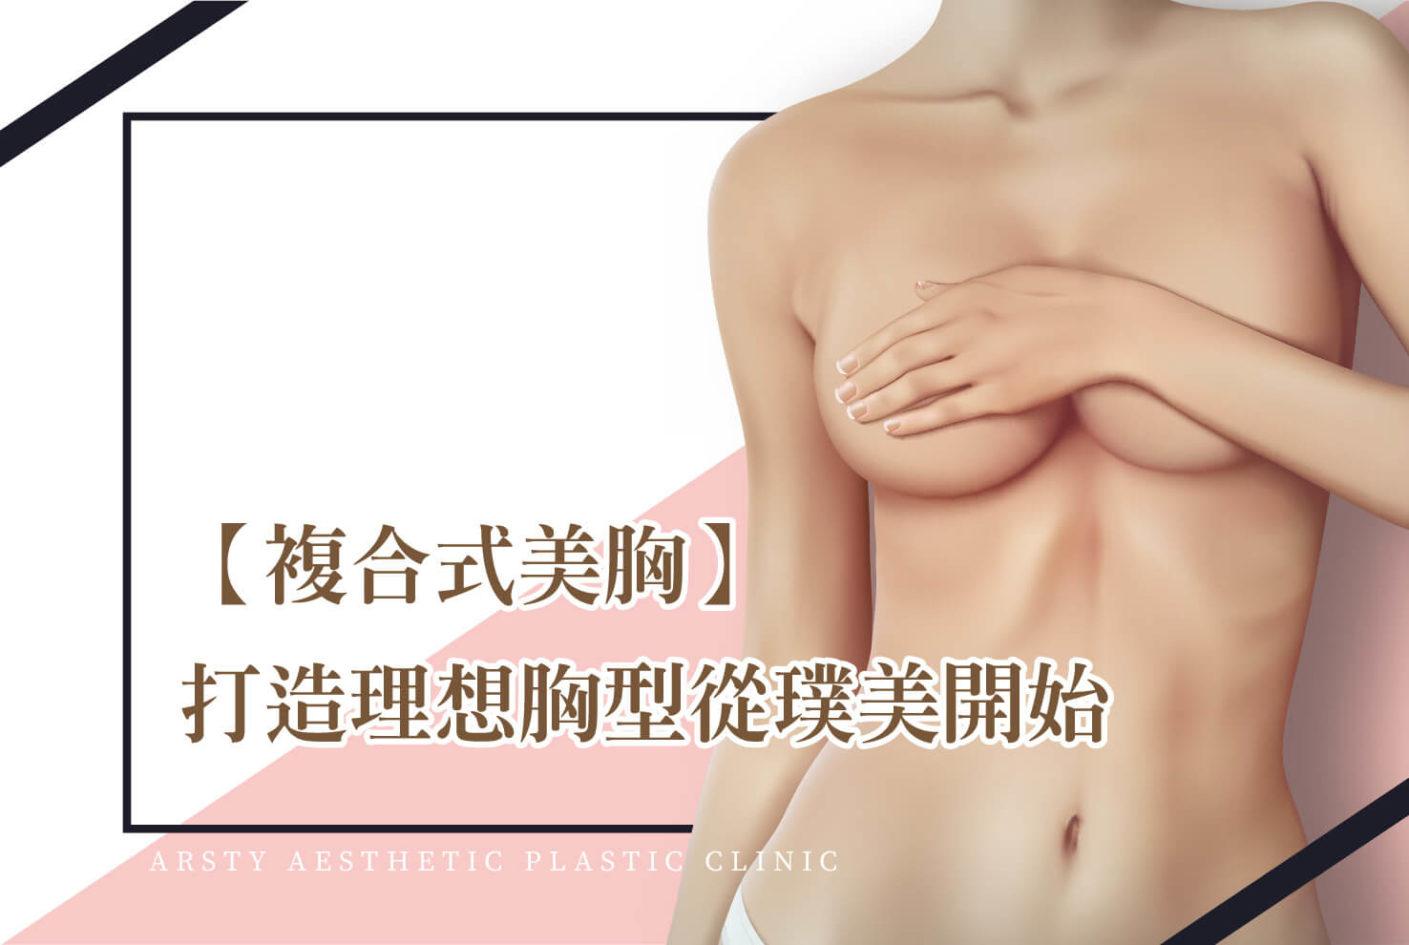 醫學新知打造理想胸型首圖